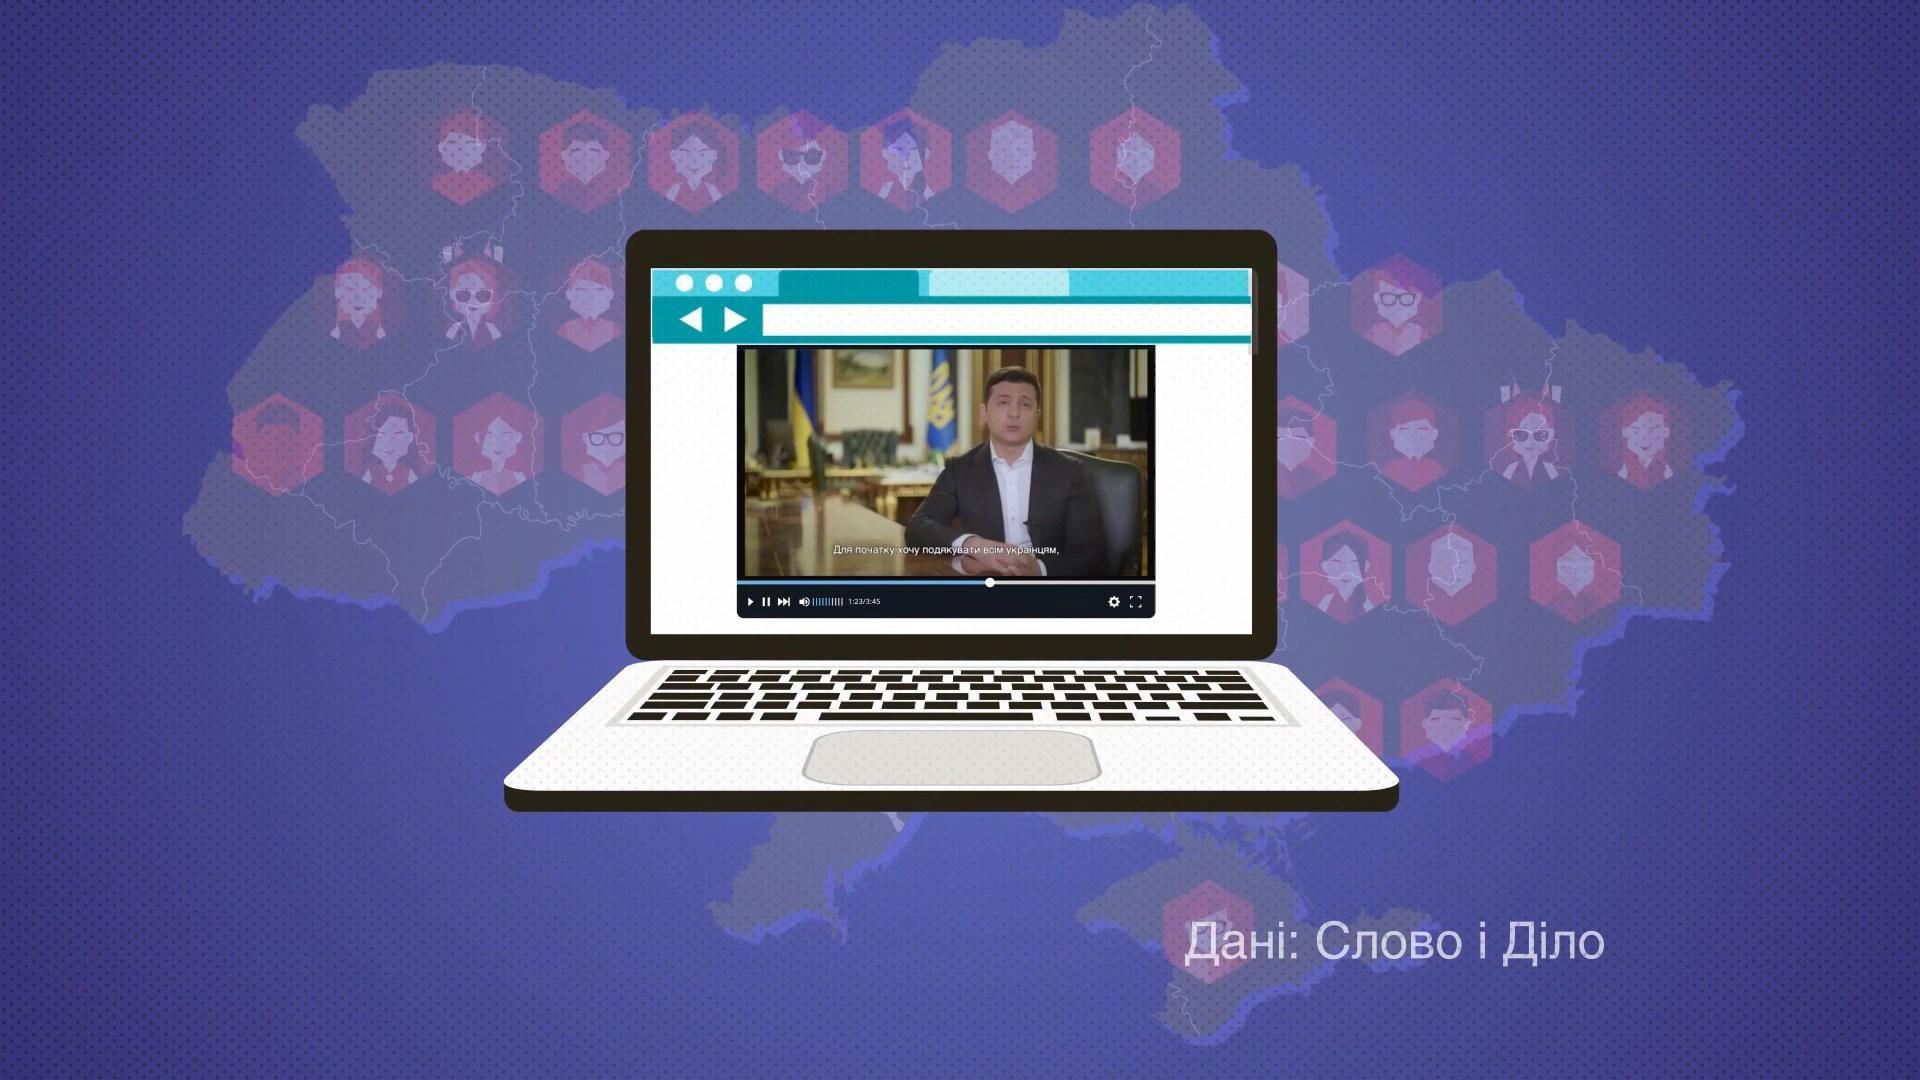 Зеленский за время президентства записал почти сотню видеообращений: какая тема лидирует - Новости Украины - 24 Канал